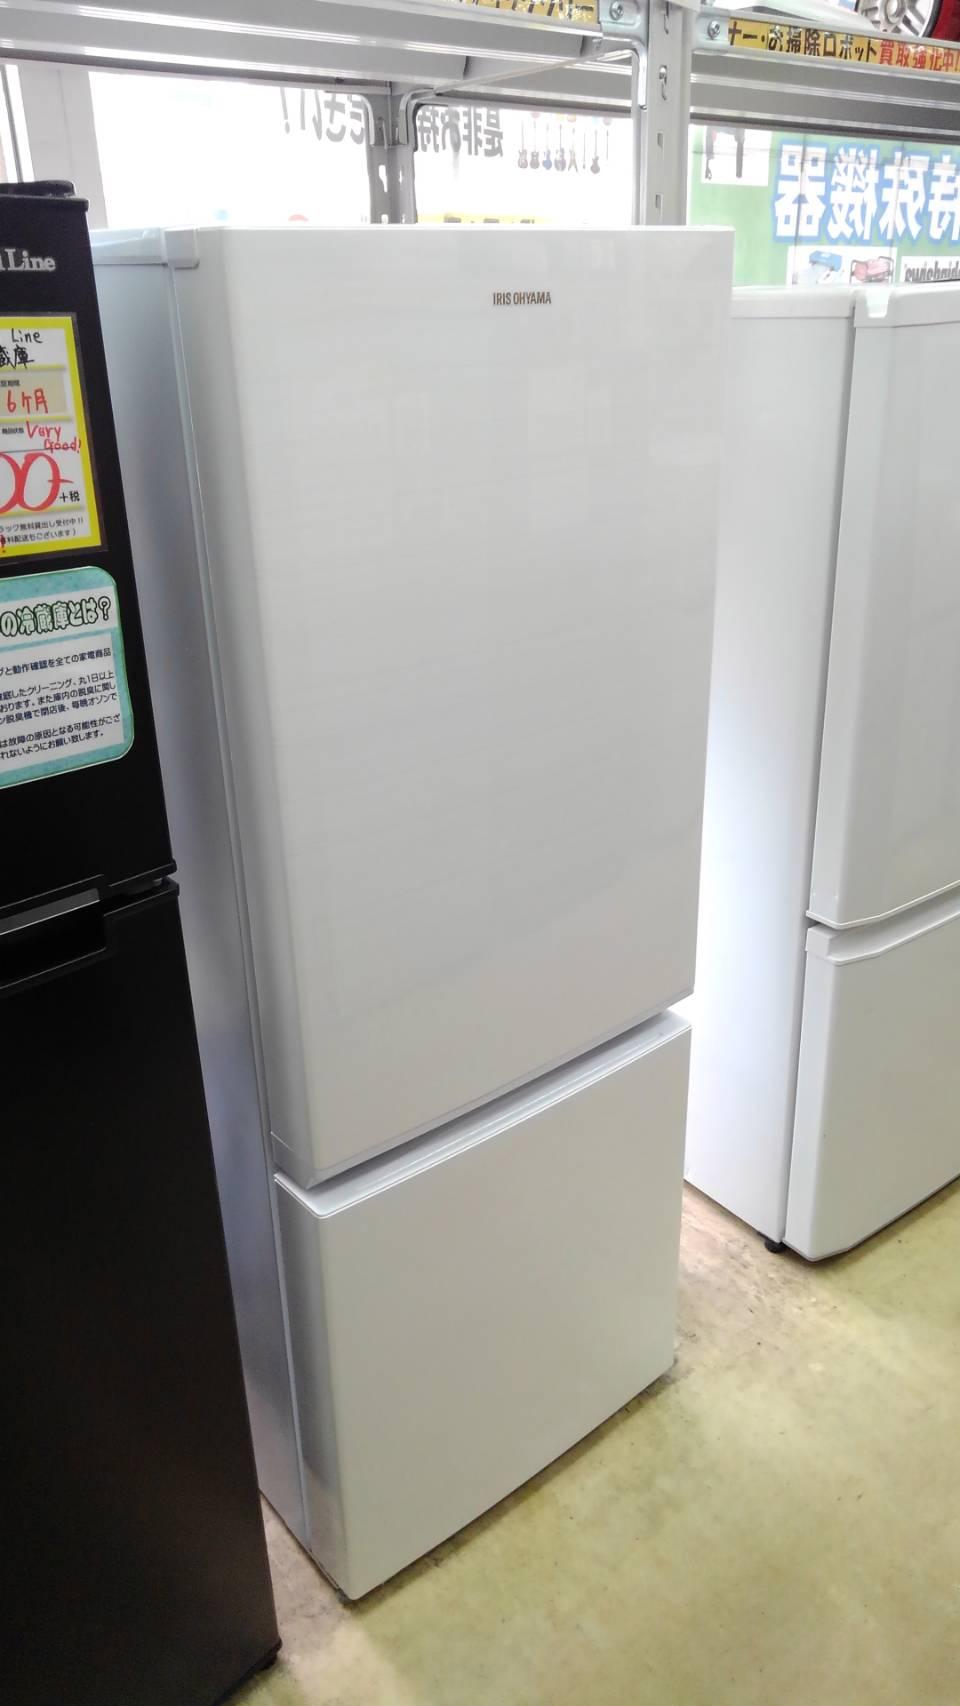 【アイリスオーヤマ 156L冷蔵庫 2018 AF156-WE】買い取り致しました!の買取-